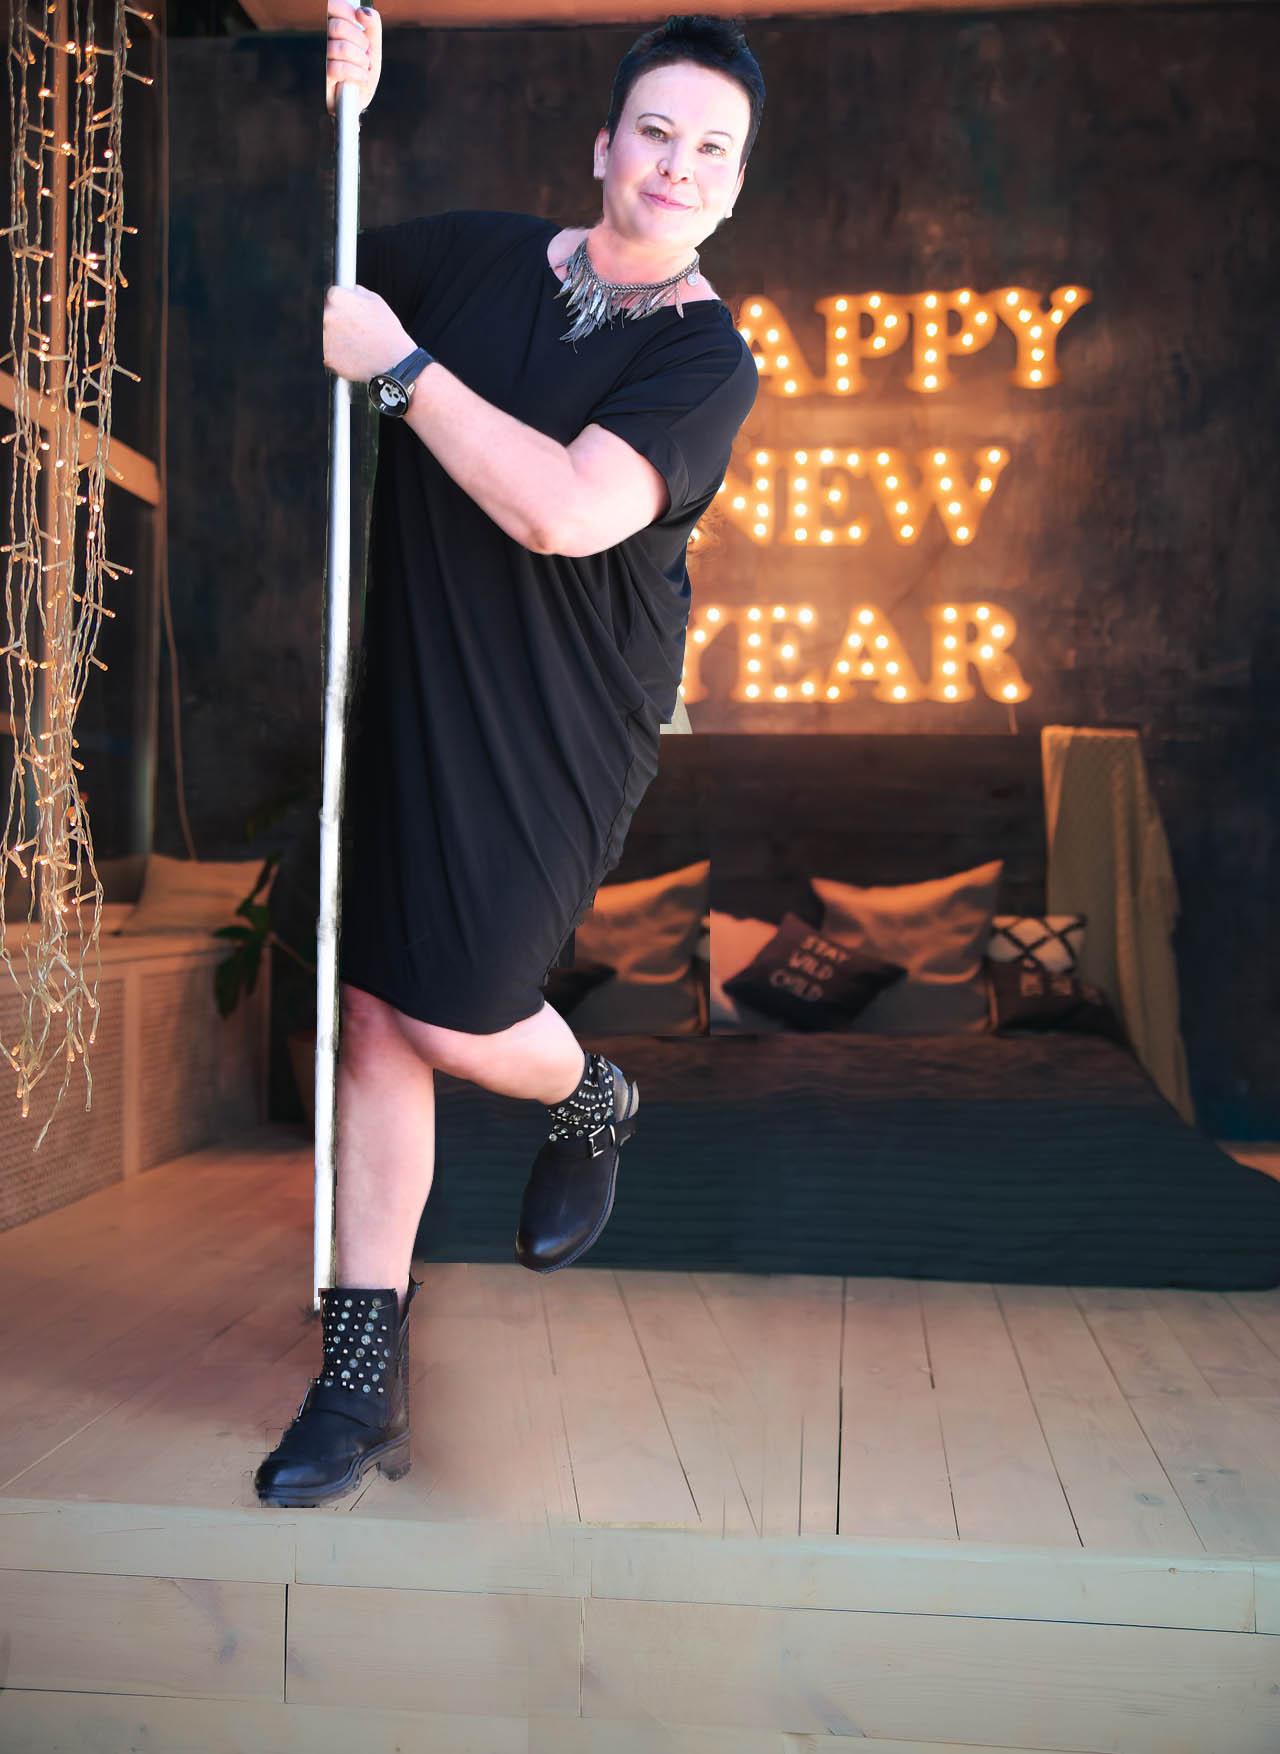 Neujahrsgrüße, Silvester, happy new year, Hamburg, Bergedorf, Bloggerin, Heidi vom Lande, Blog, regionales, Neuigkeiten aus Bergedorf